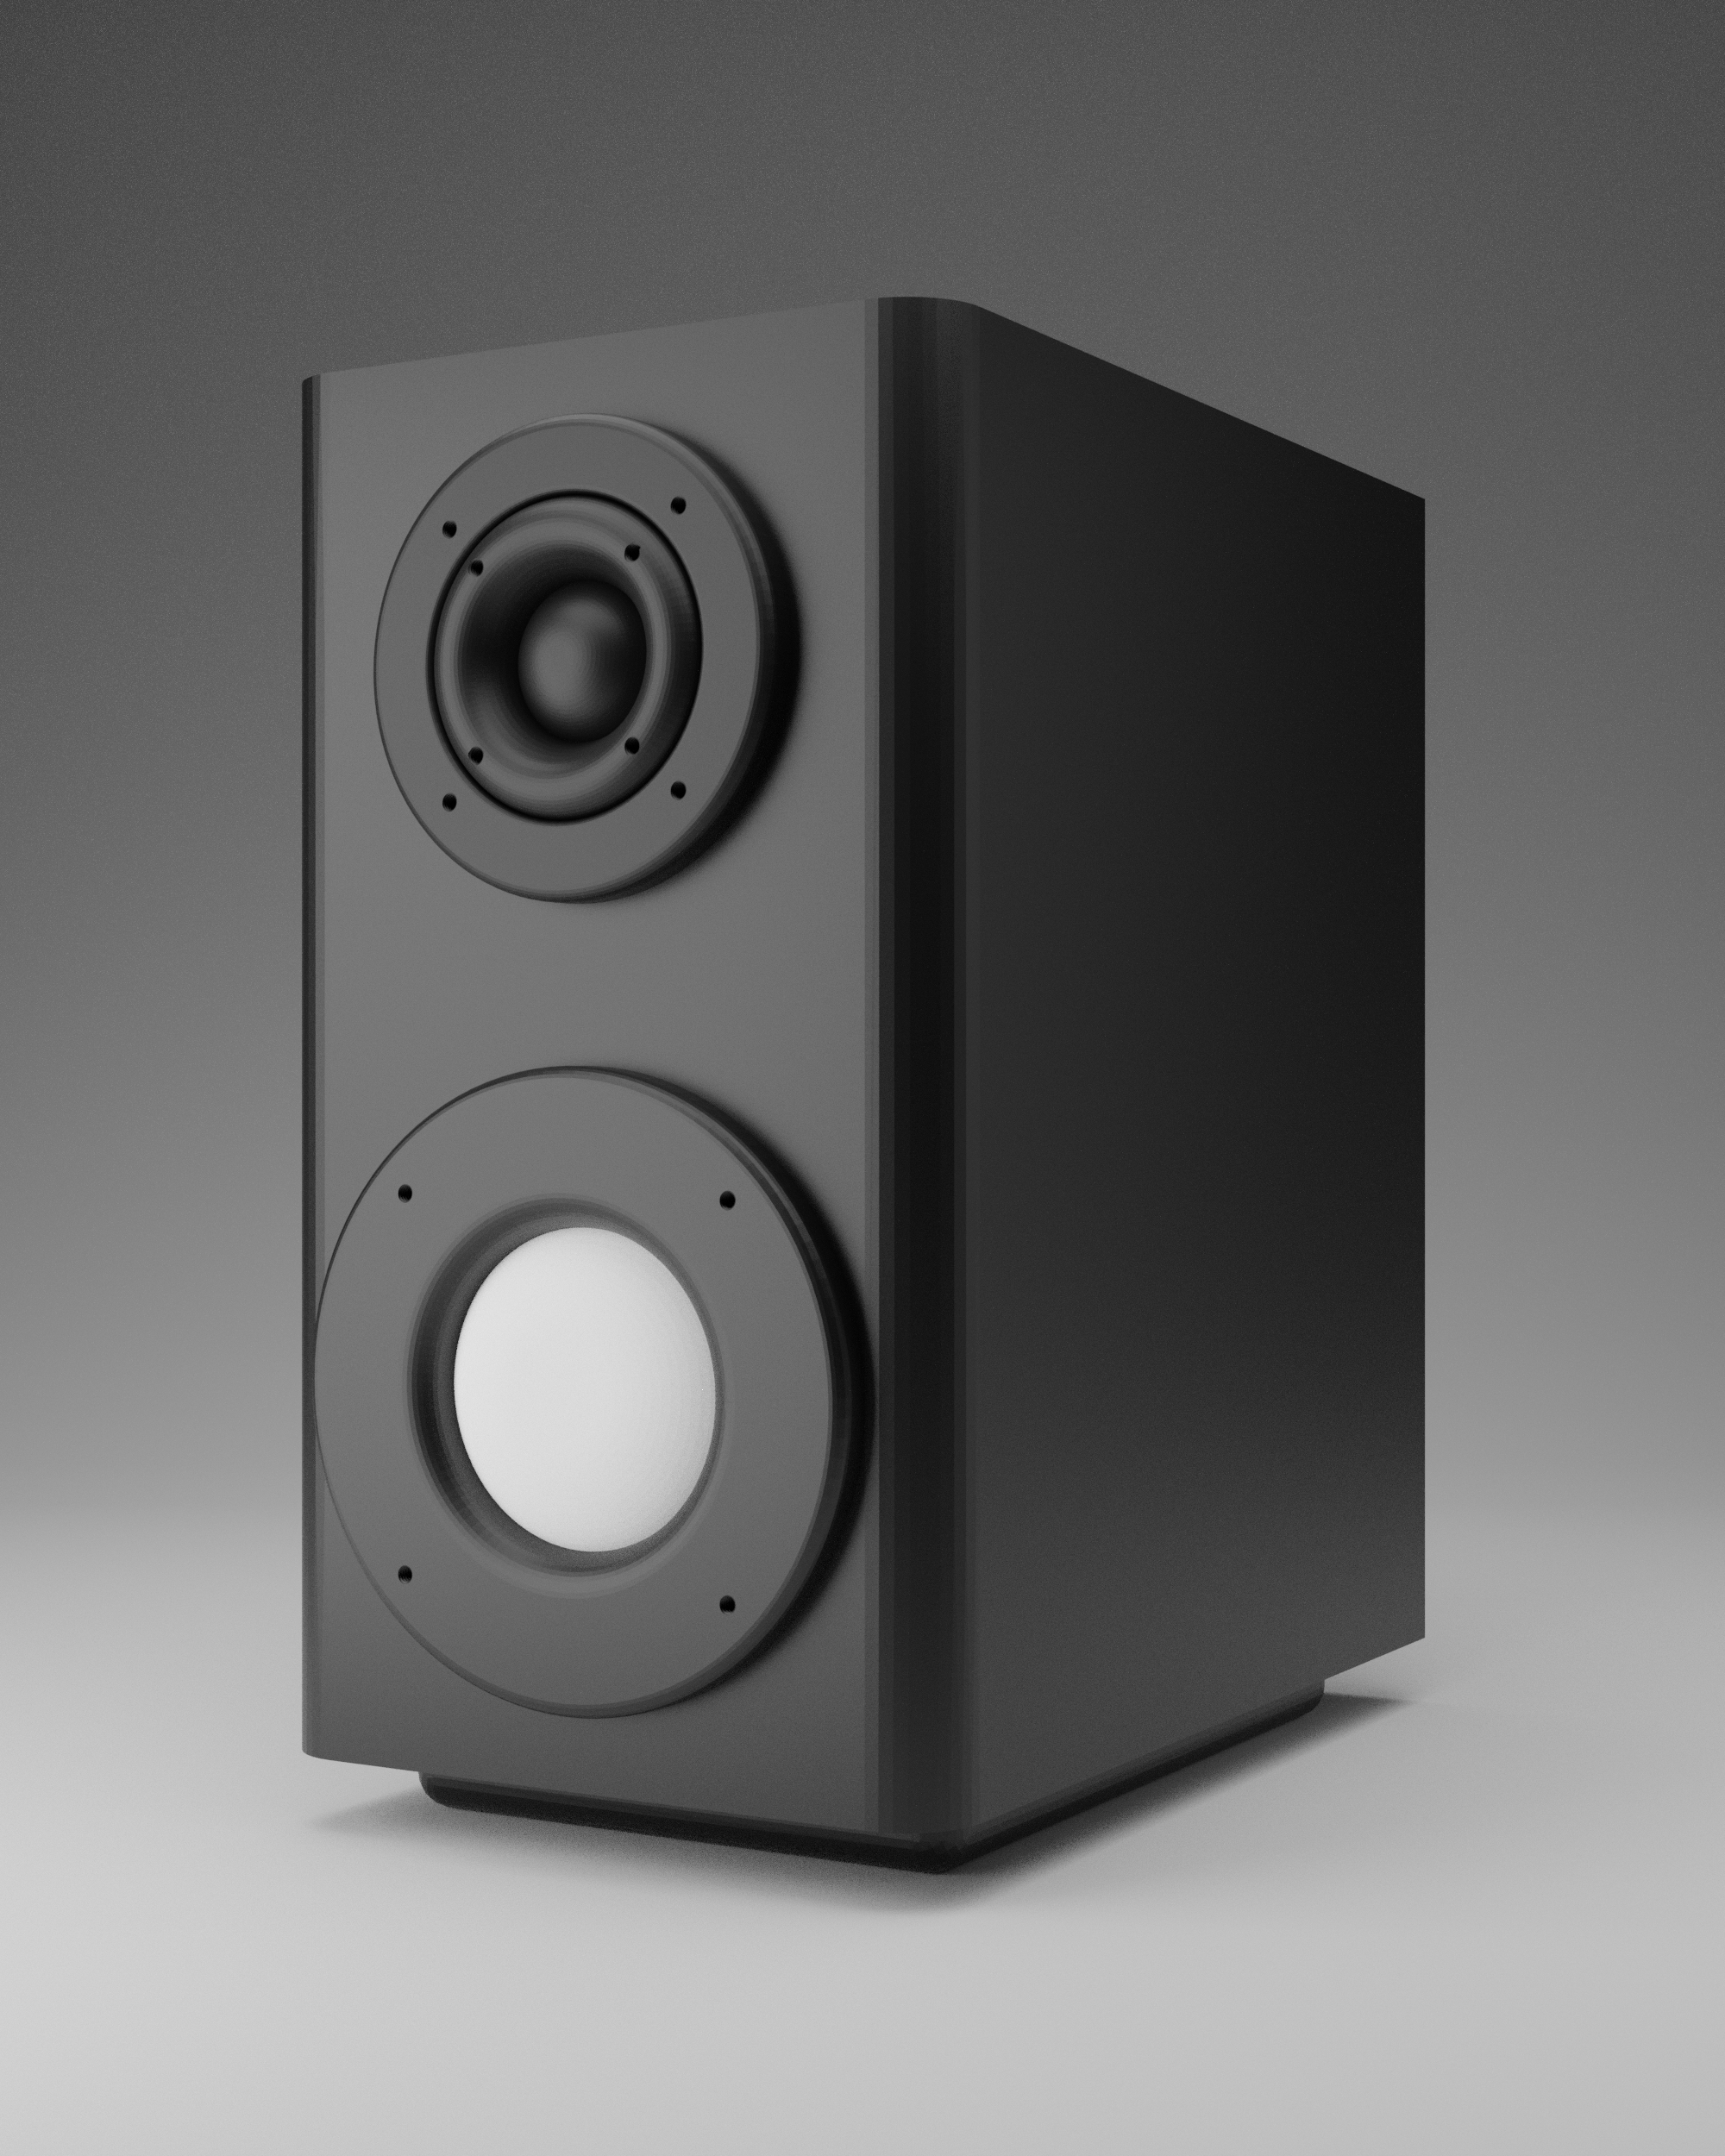 black plastic speaker Vertical for Web.jpg